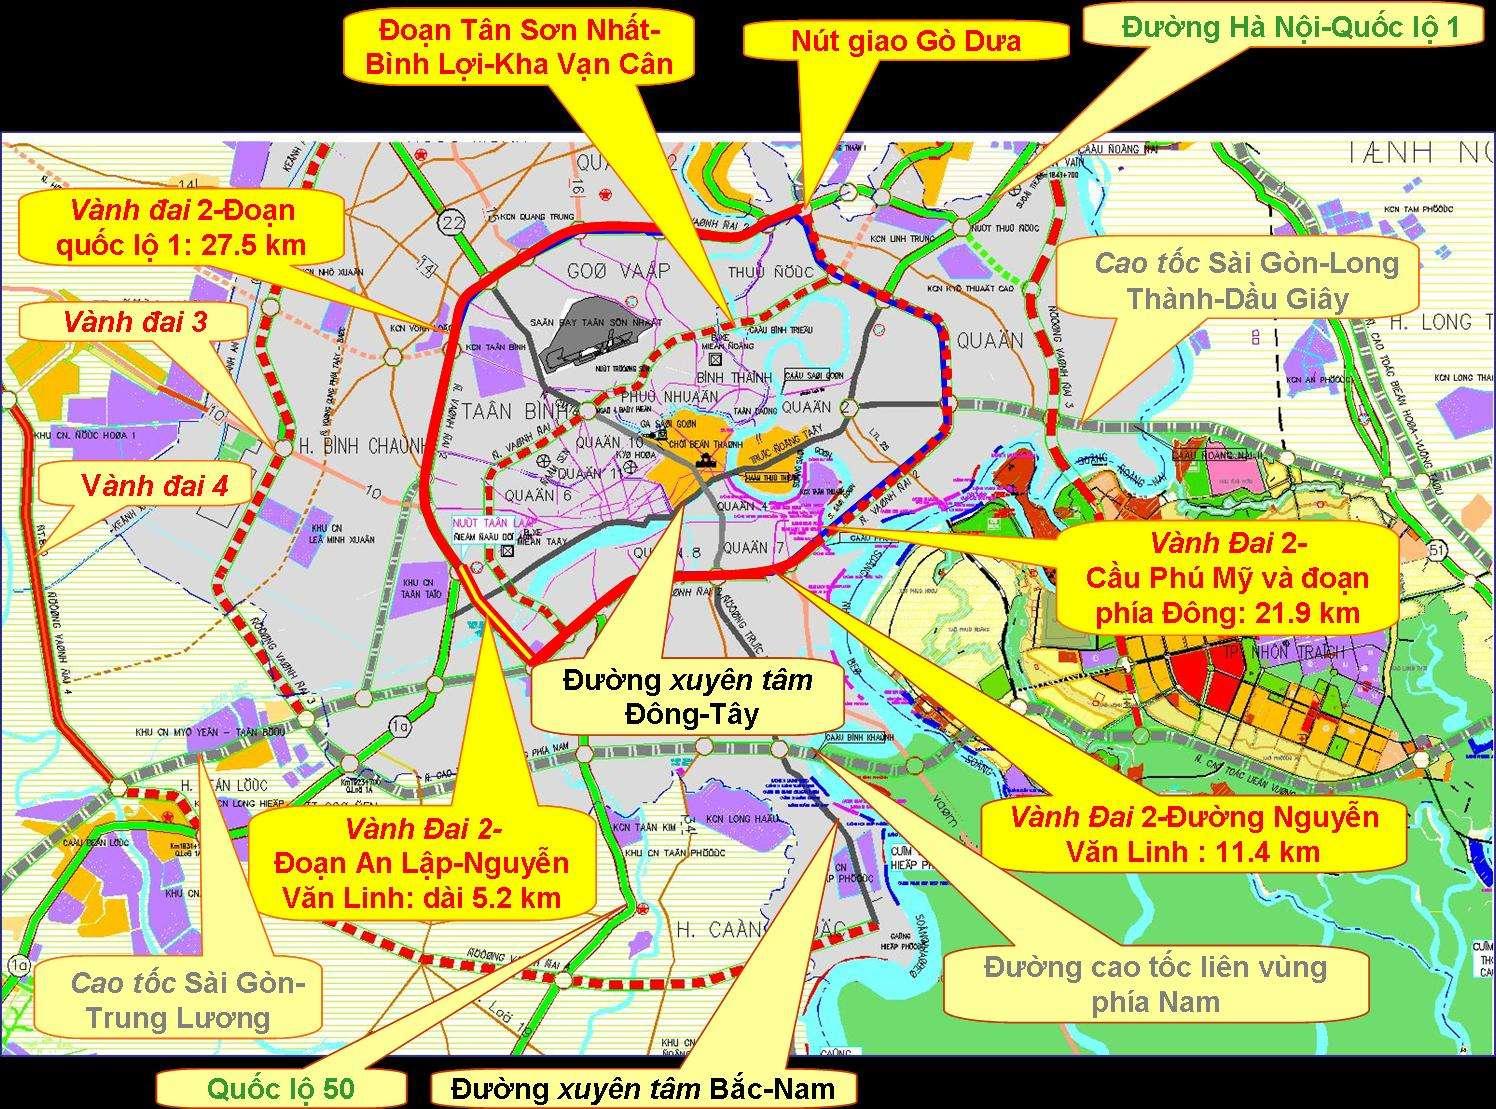 Tương quan các tuyến đường và sự dịch chuyển kinh tế đón đầu các khu đô thị vệ tinh cùng sự phát triển hạ tầng vùng ven đô